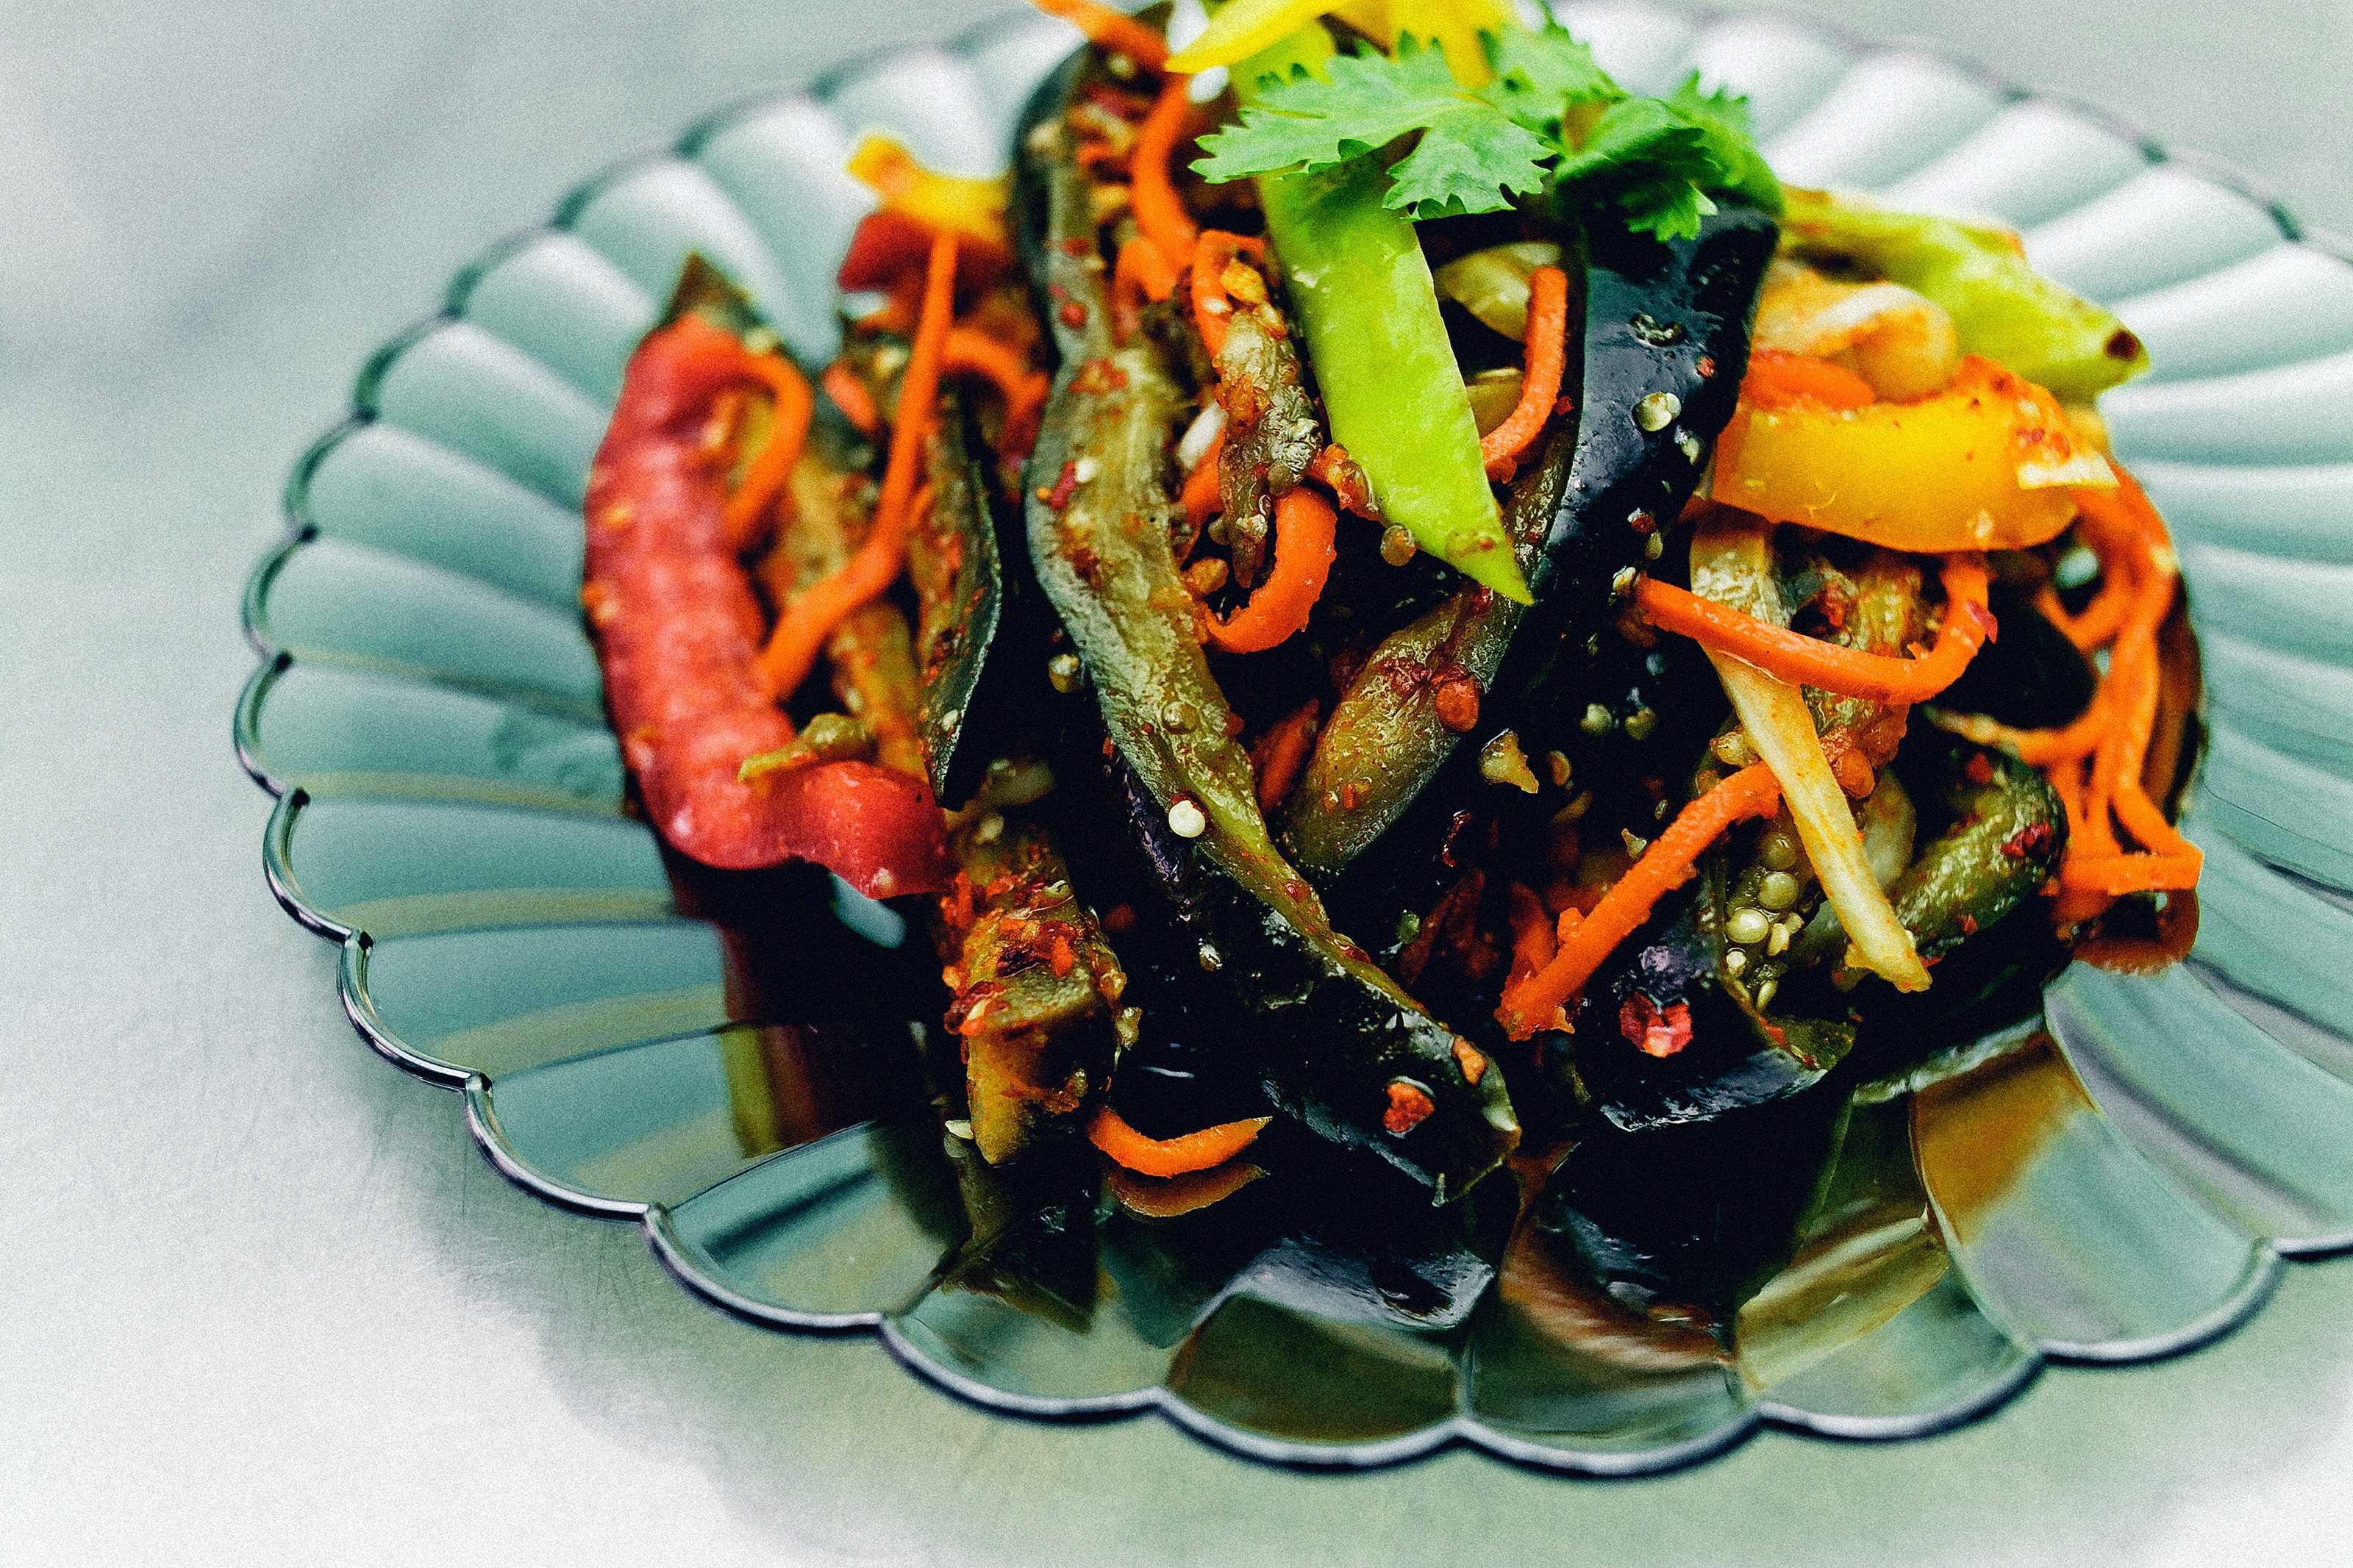 Теплый салат фантазия рецепт с фото пошагово и видео - 1000.menu